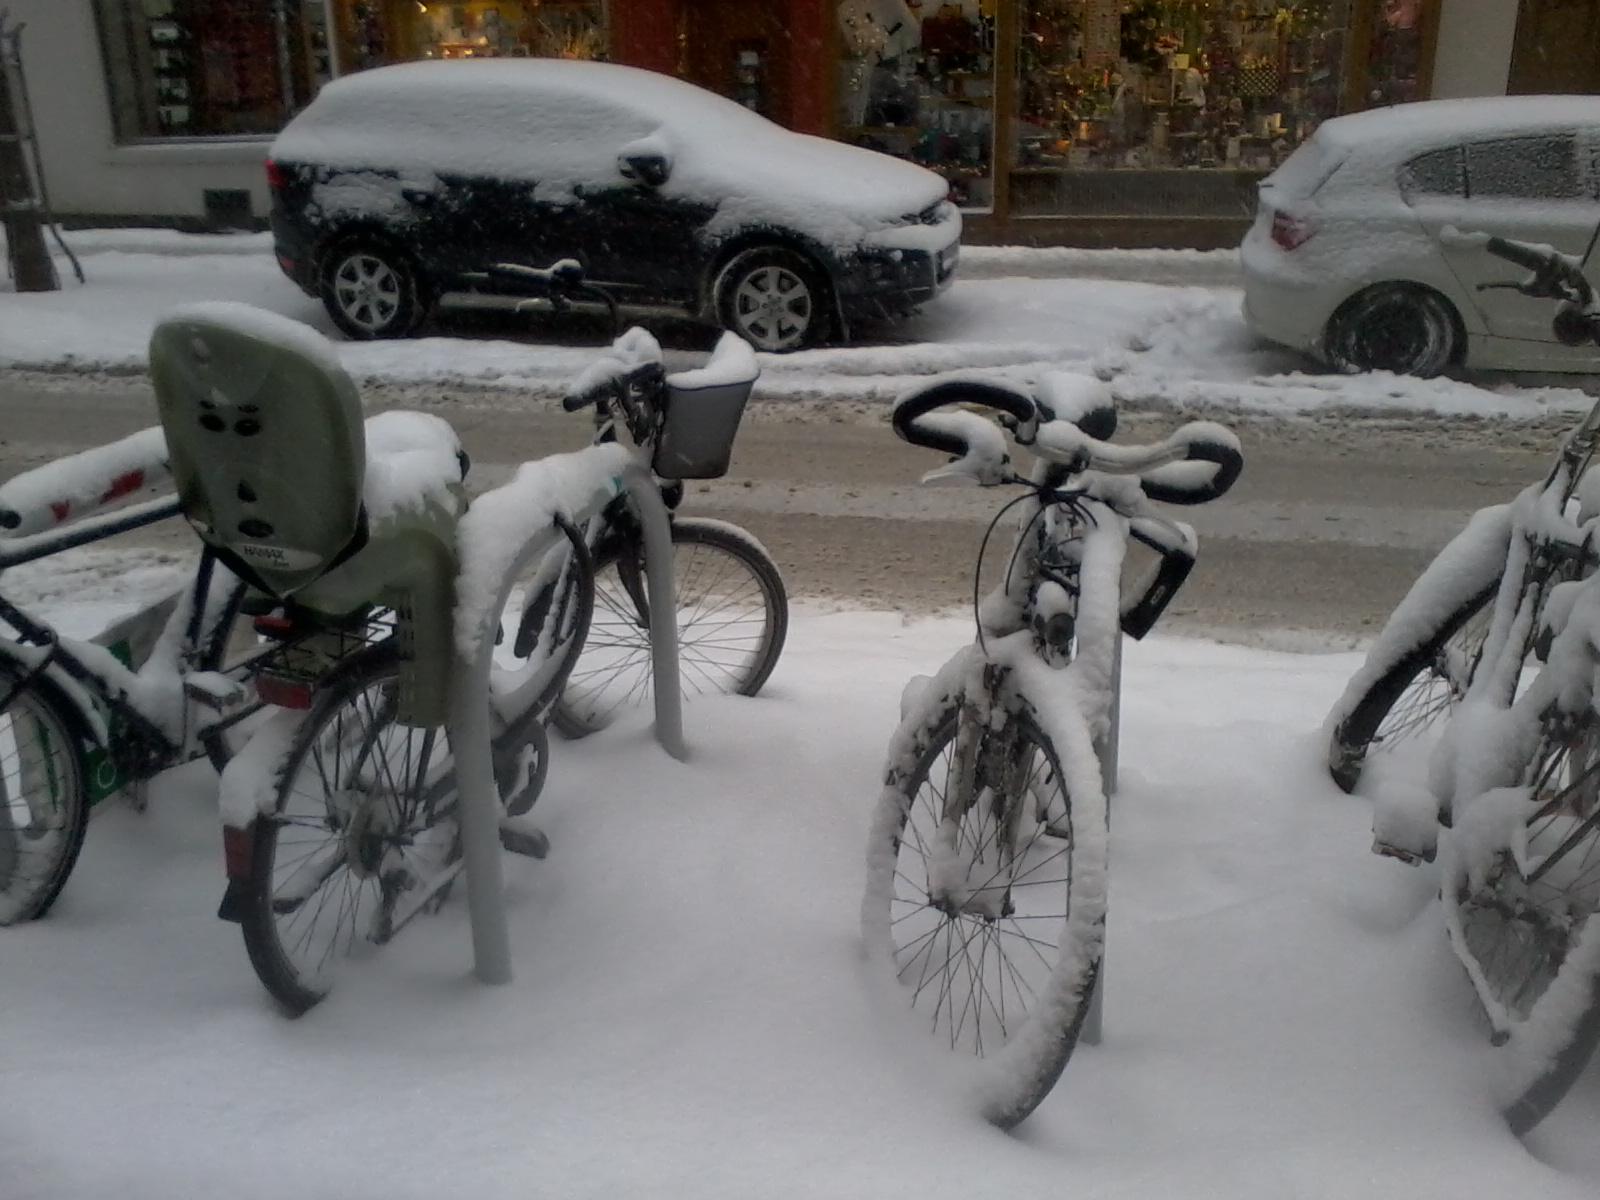 Wien+1070+Schnee+Fahrr%25C3%25A4der Faszinierend 40 Watt Glühbirne Entspricht Energiesparlampe Dekorationen